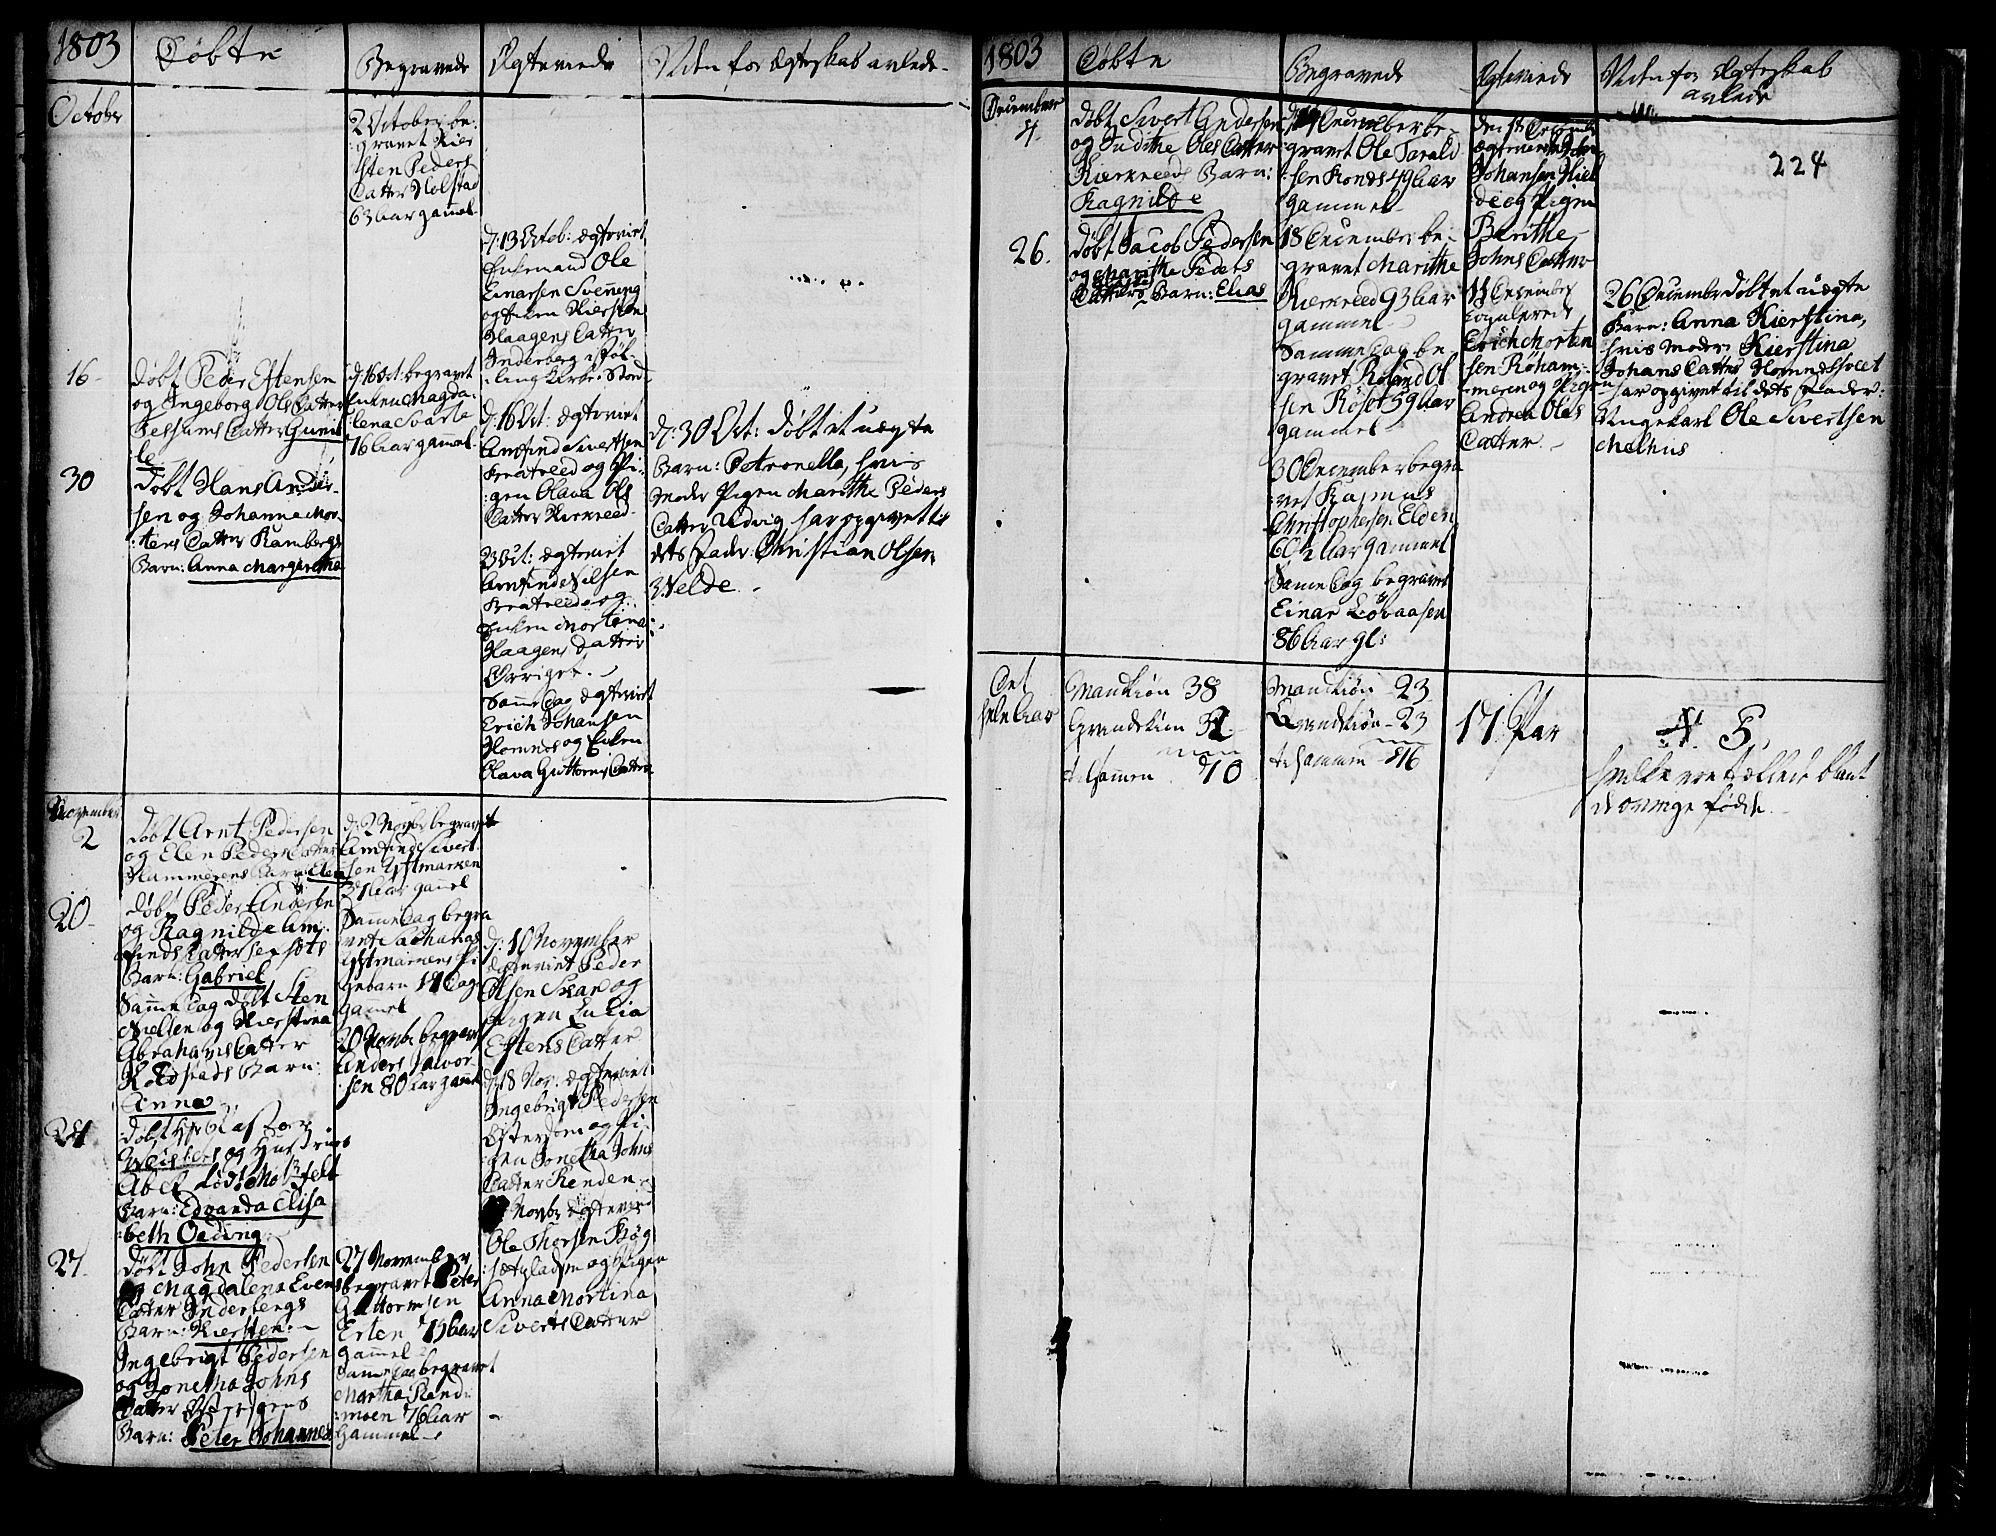 SAT, Ministerialprotokoller, klokkerbøker og fødselsregistre - Nord-Trøndelag, 741/L0385: Ministerialbok nr. 741A01, 1722-1815, s. 224